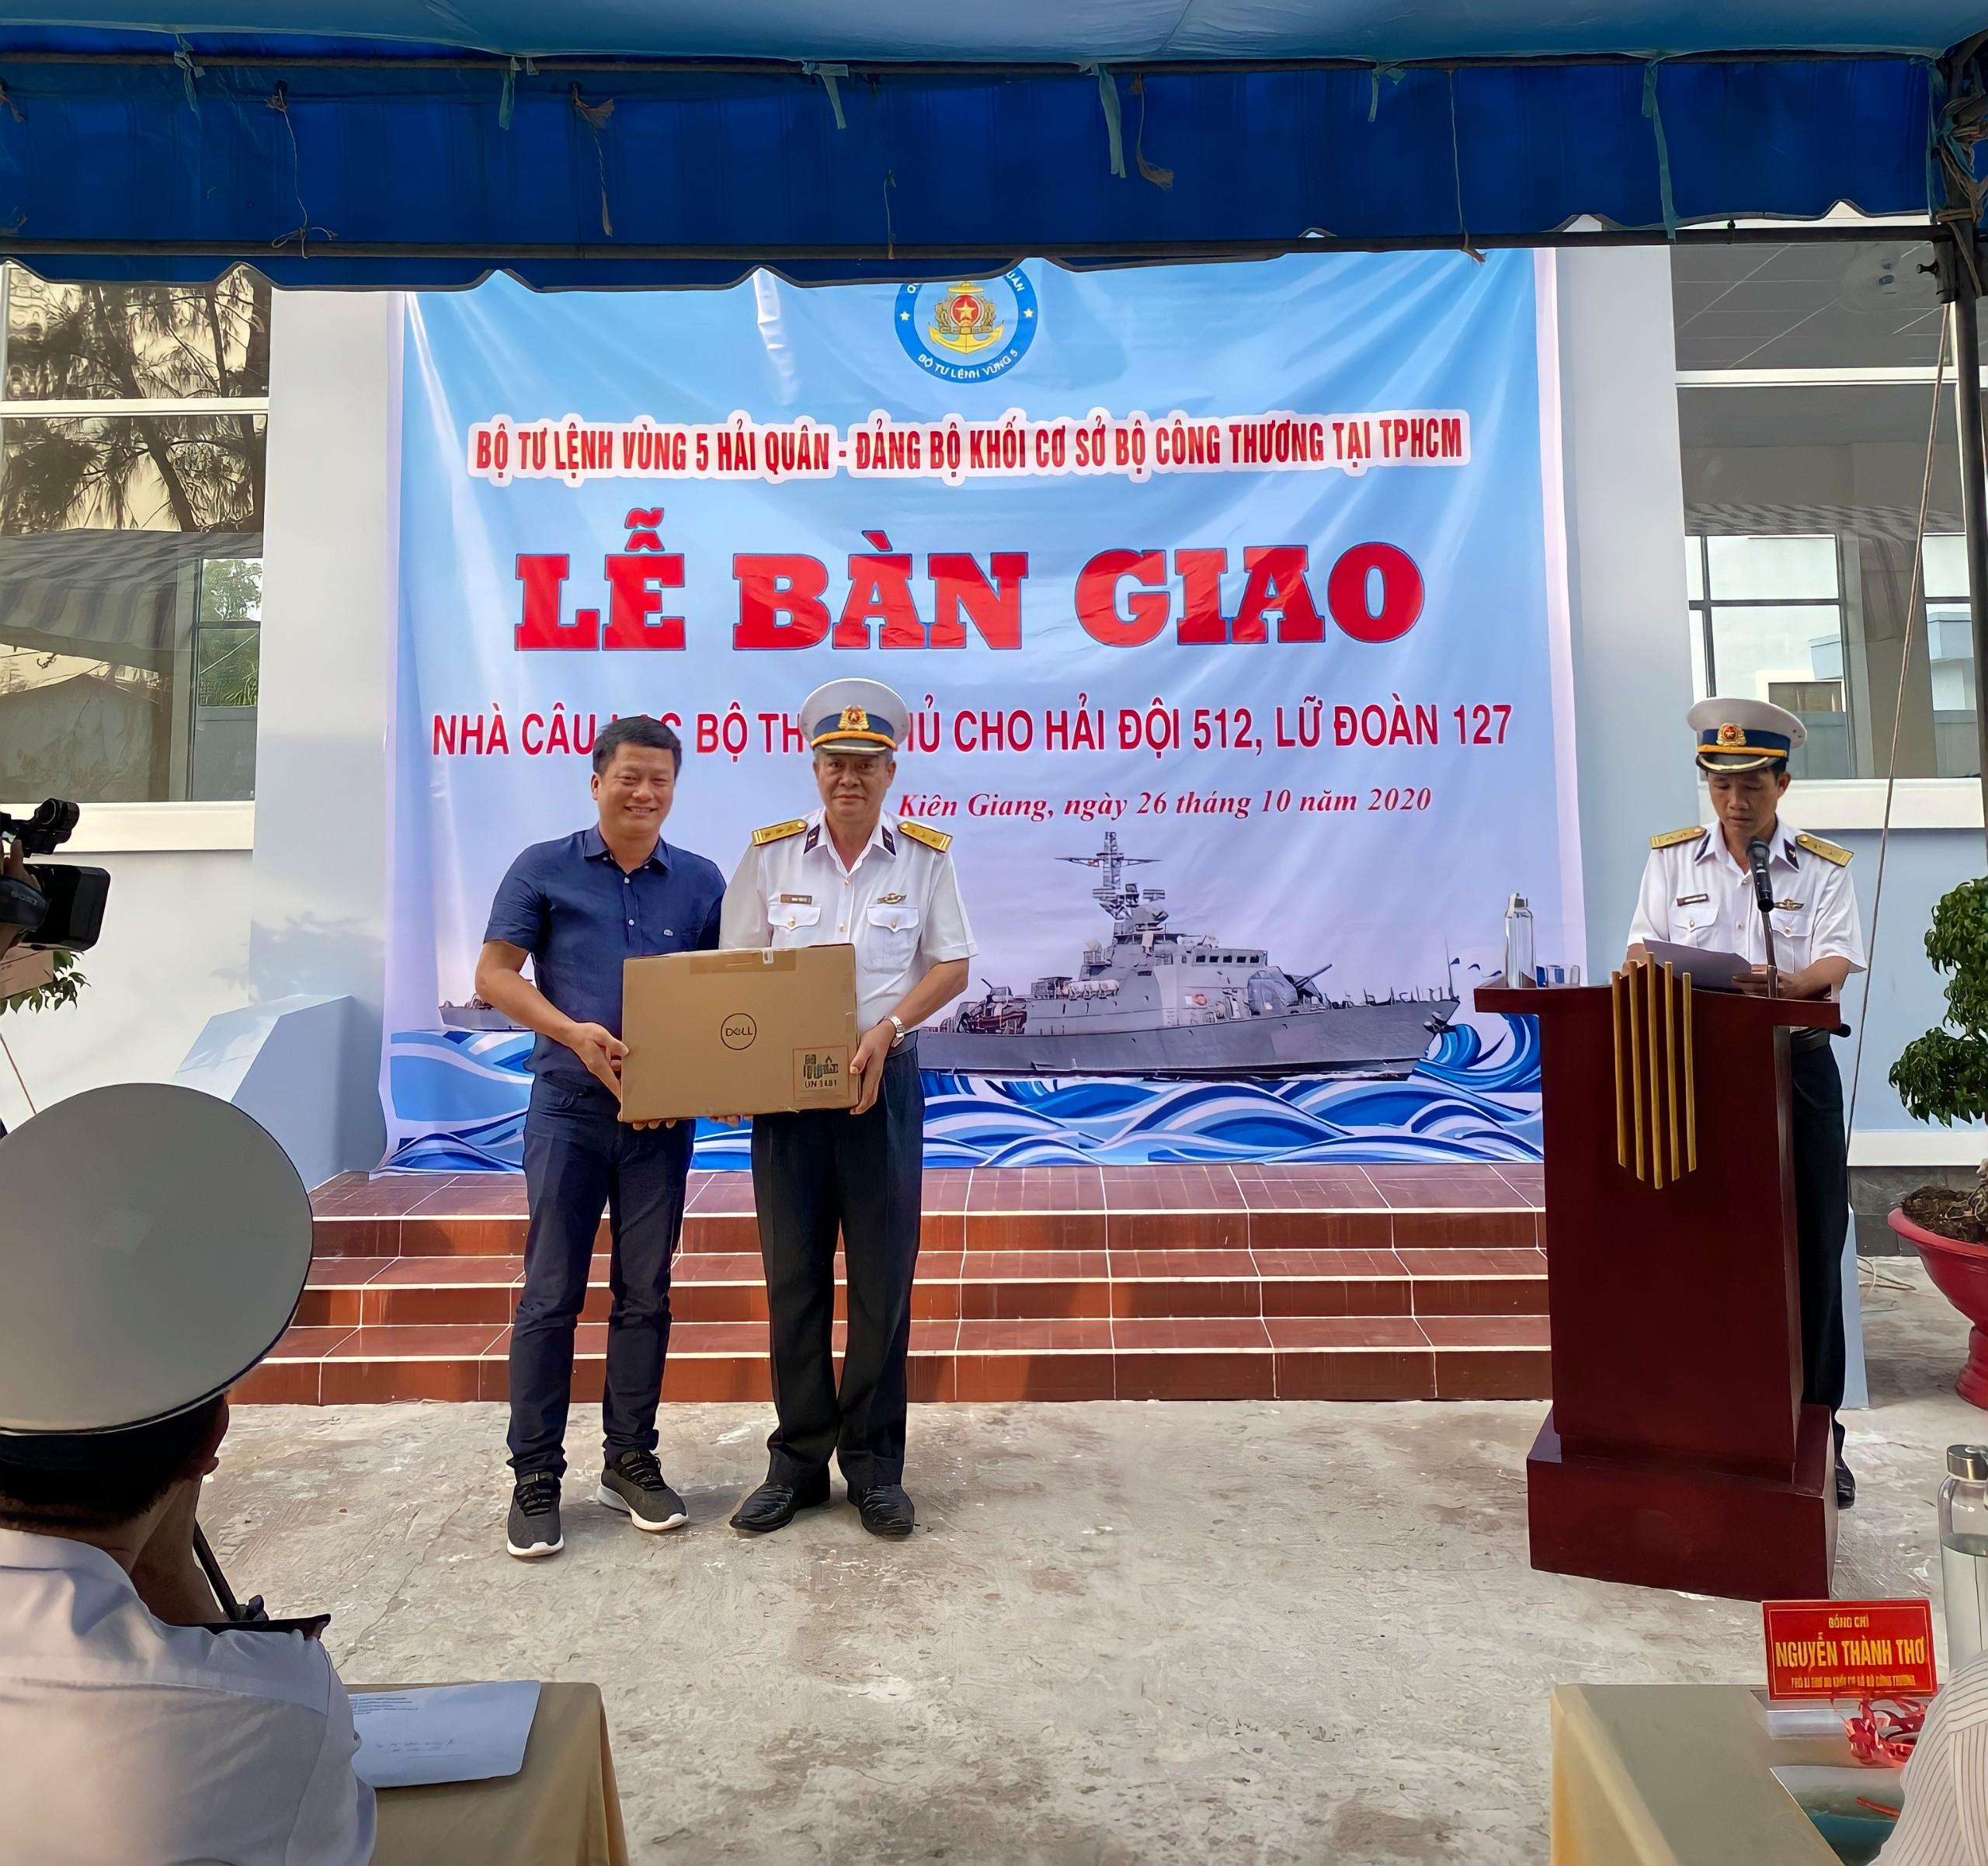 Ông Nguyễn Minh Tâm, Chủ Tịch Hội đồng Quản trị MiennamPetro trao quà cho cán bộ chiến sĩ tại Vùng 5 Hải quân